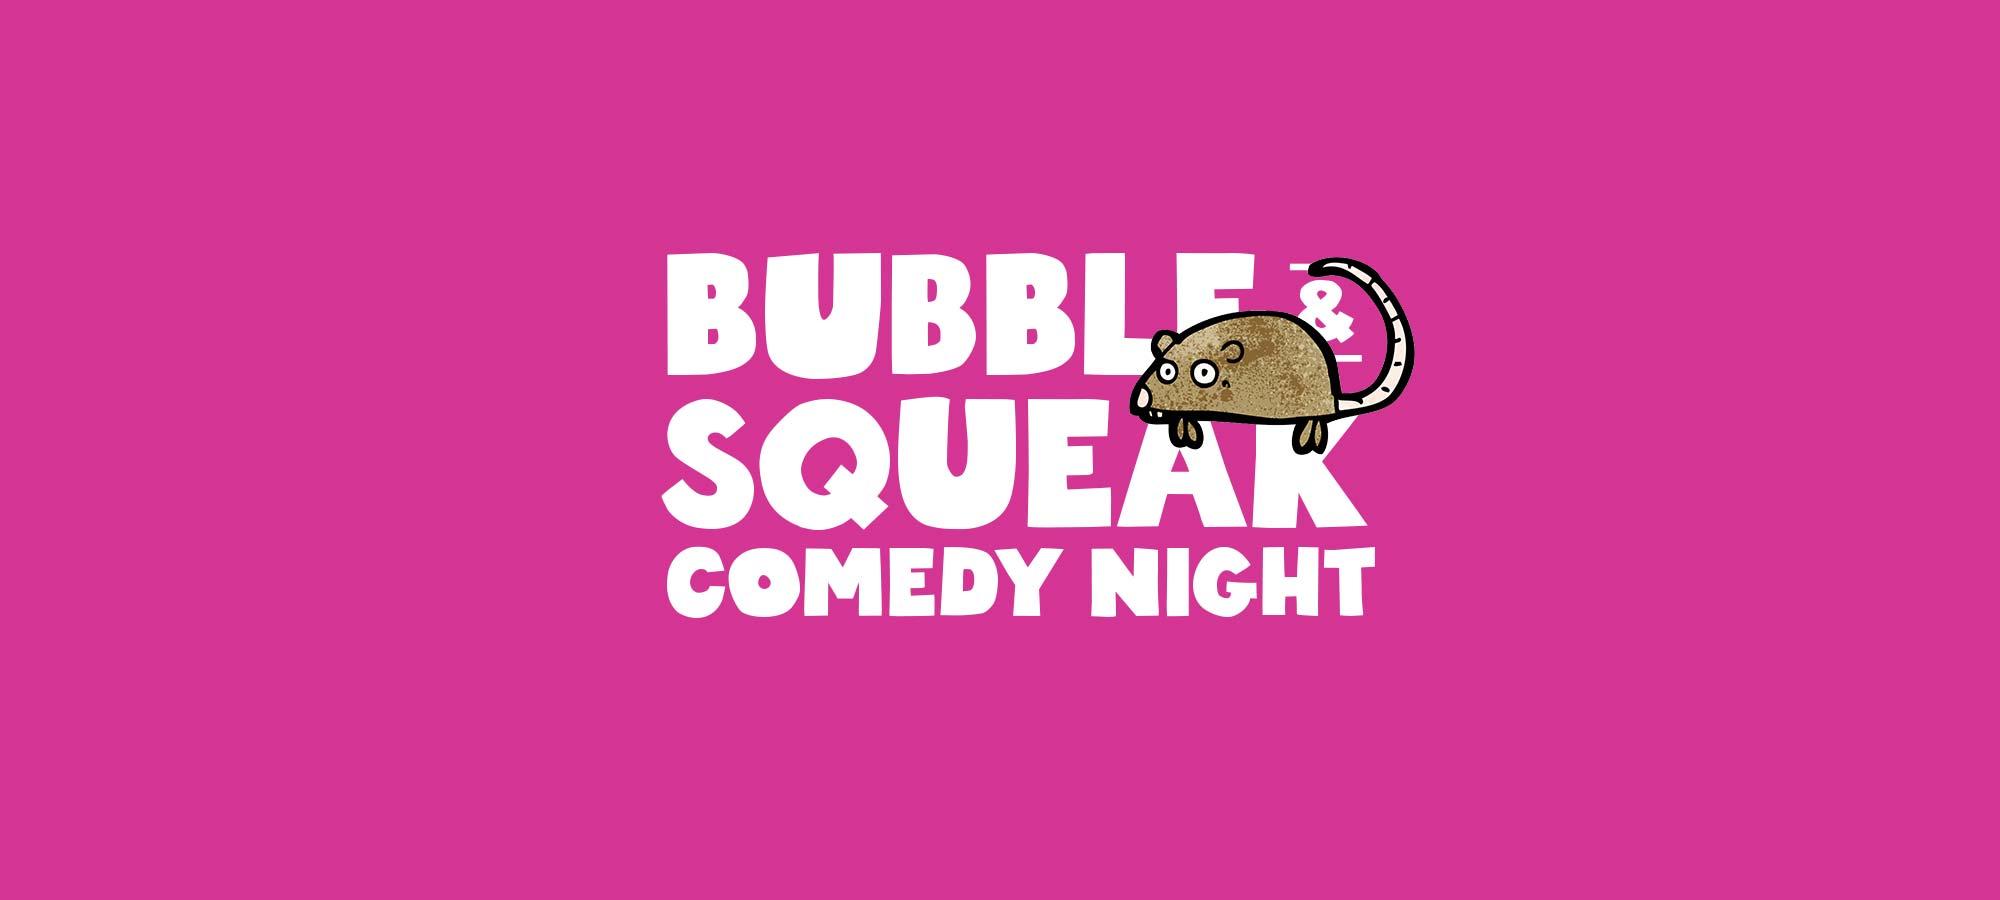 2019-04-26_ComedyNight-Header-horz.jpg